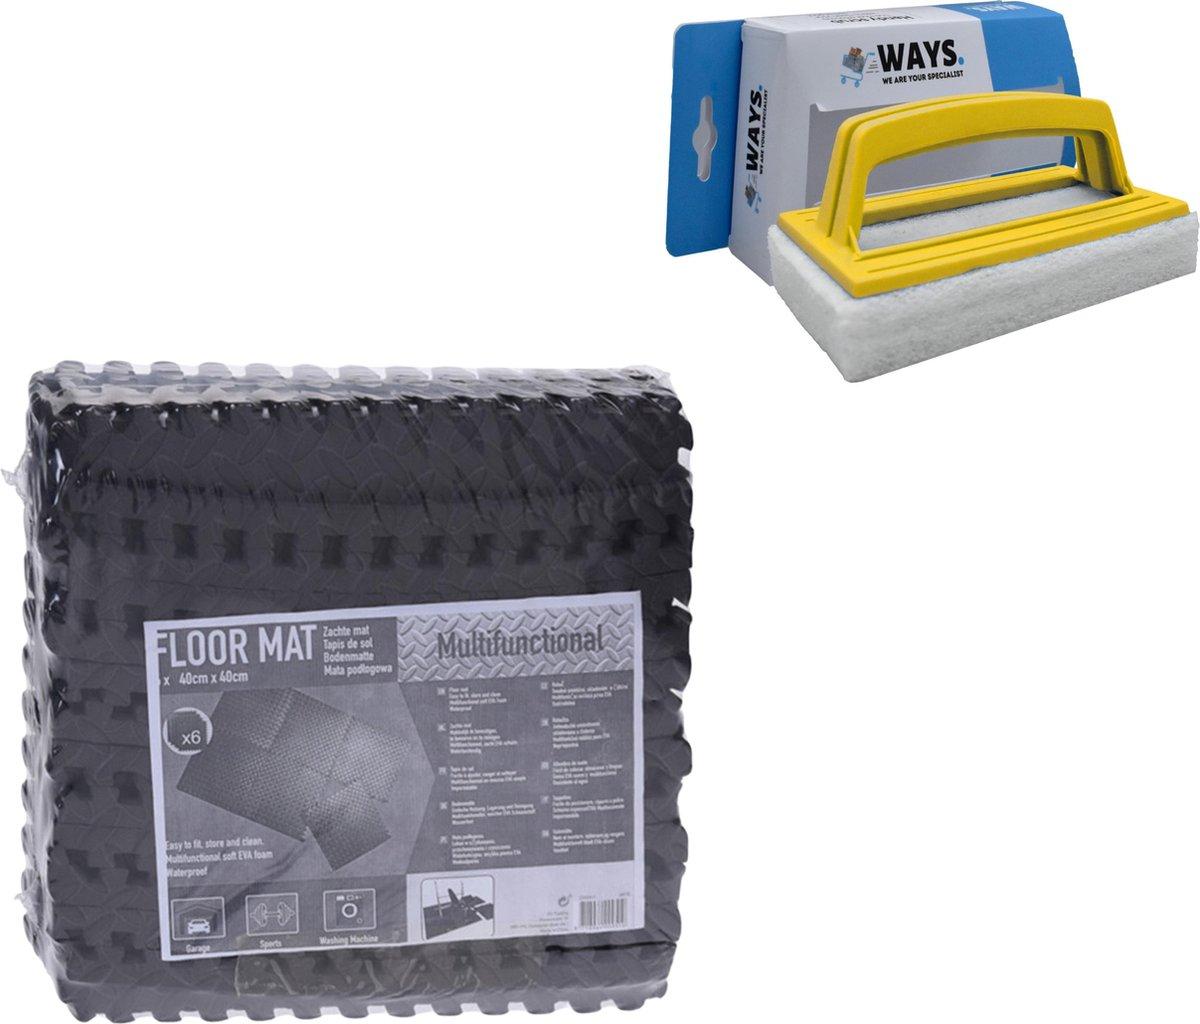 Zwembadtegels - Voordeelverpakking - 1 verpakking van 6 tegels - 40x40 cm & WAYS scrubborstel